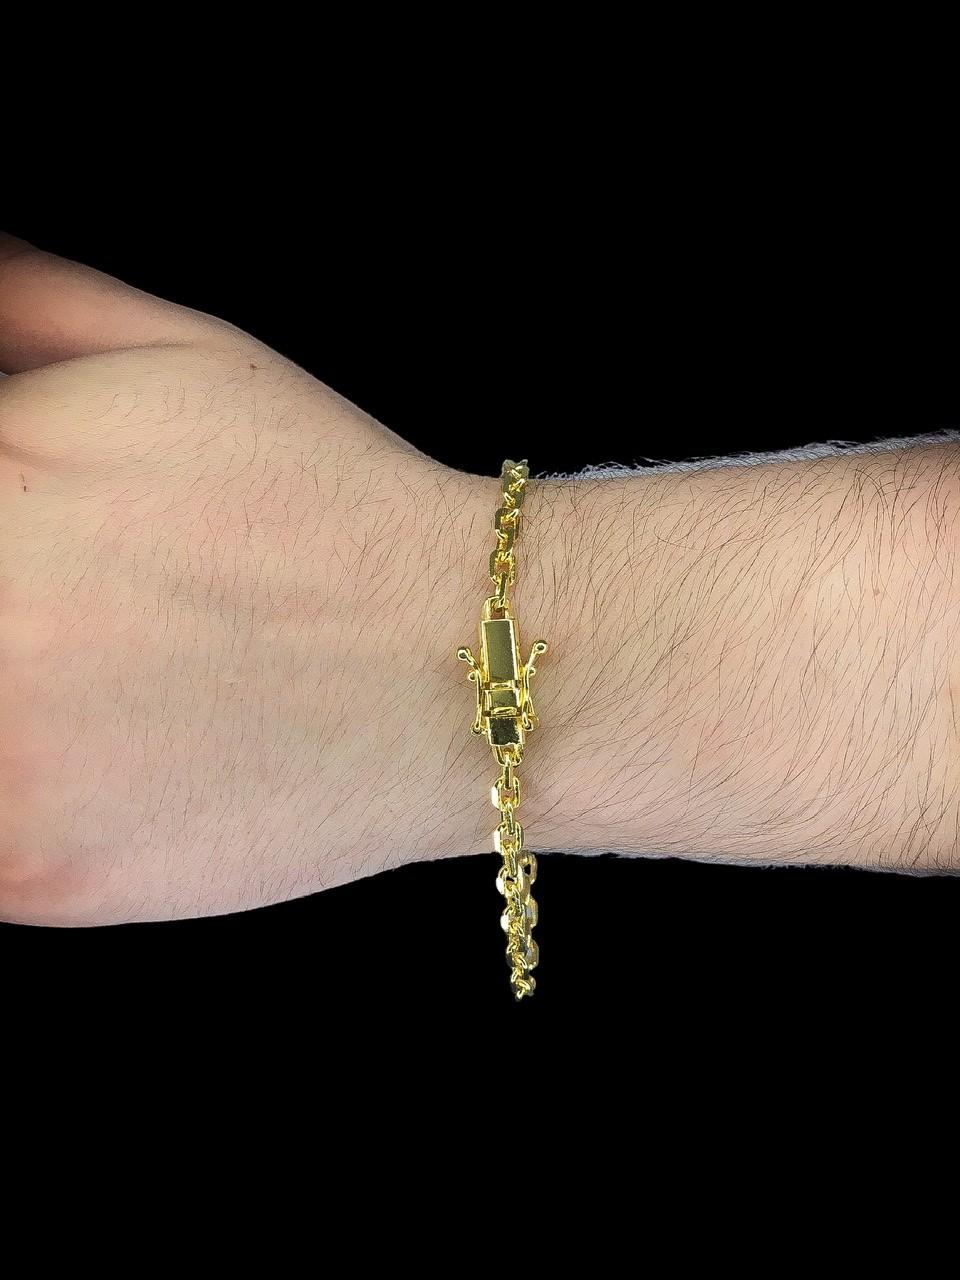 Corrente Cartie-  3 milímetros - 70 Centímetros - fecho canhão - Banhado a ouro 18 k ( COMPRA CORRENTE GANHA PULSEIRA )